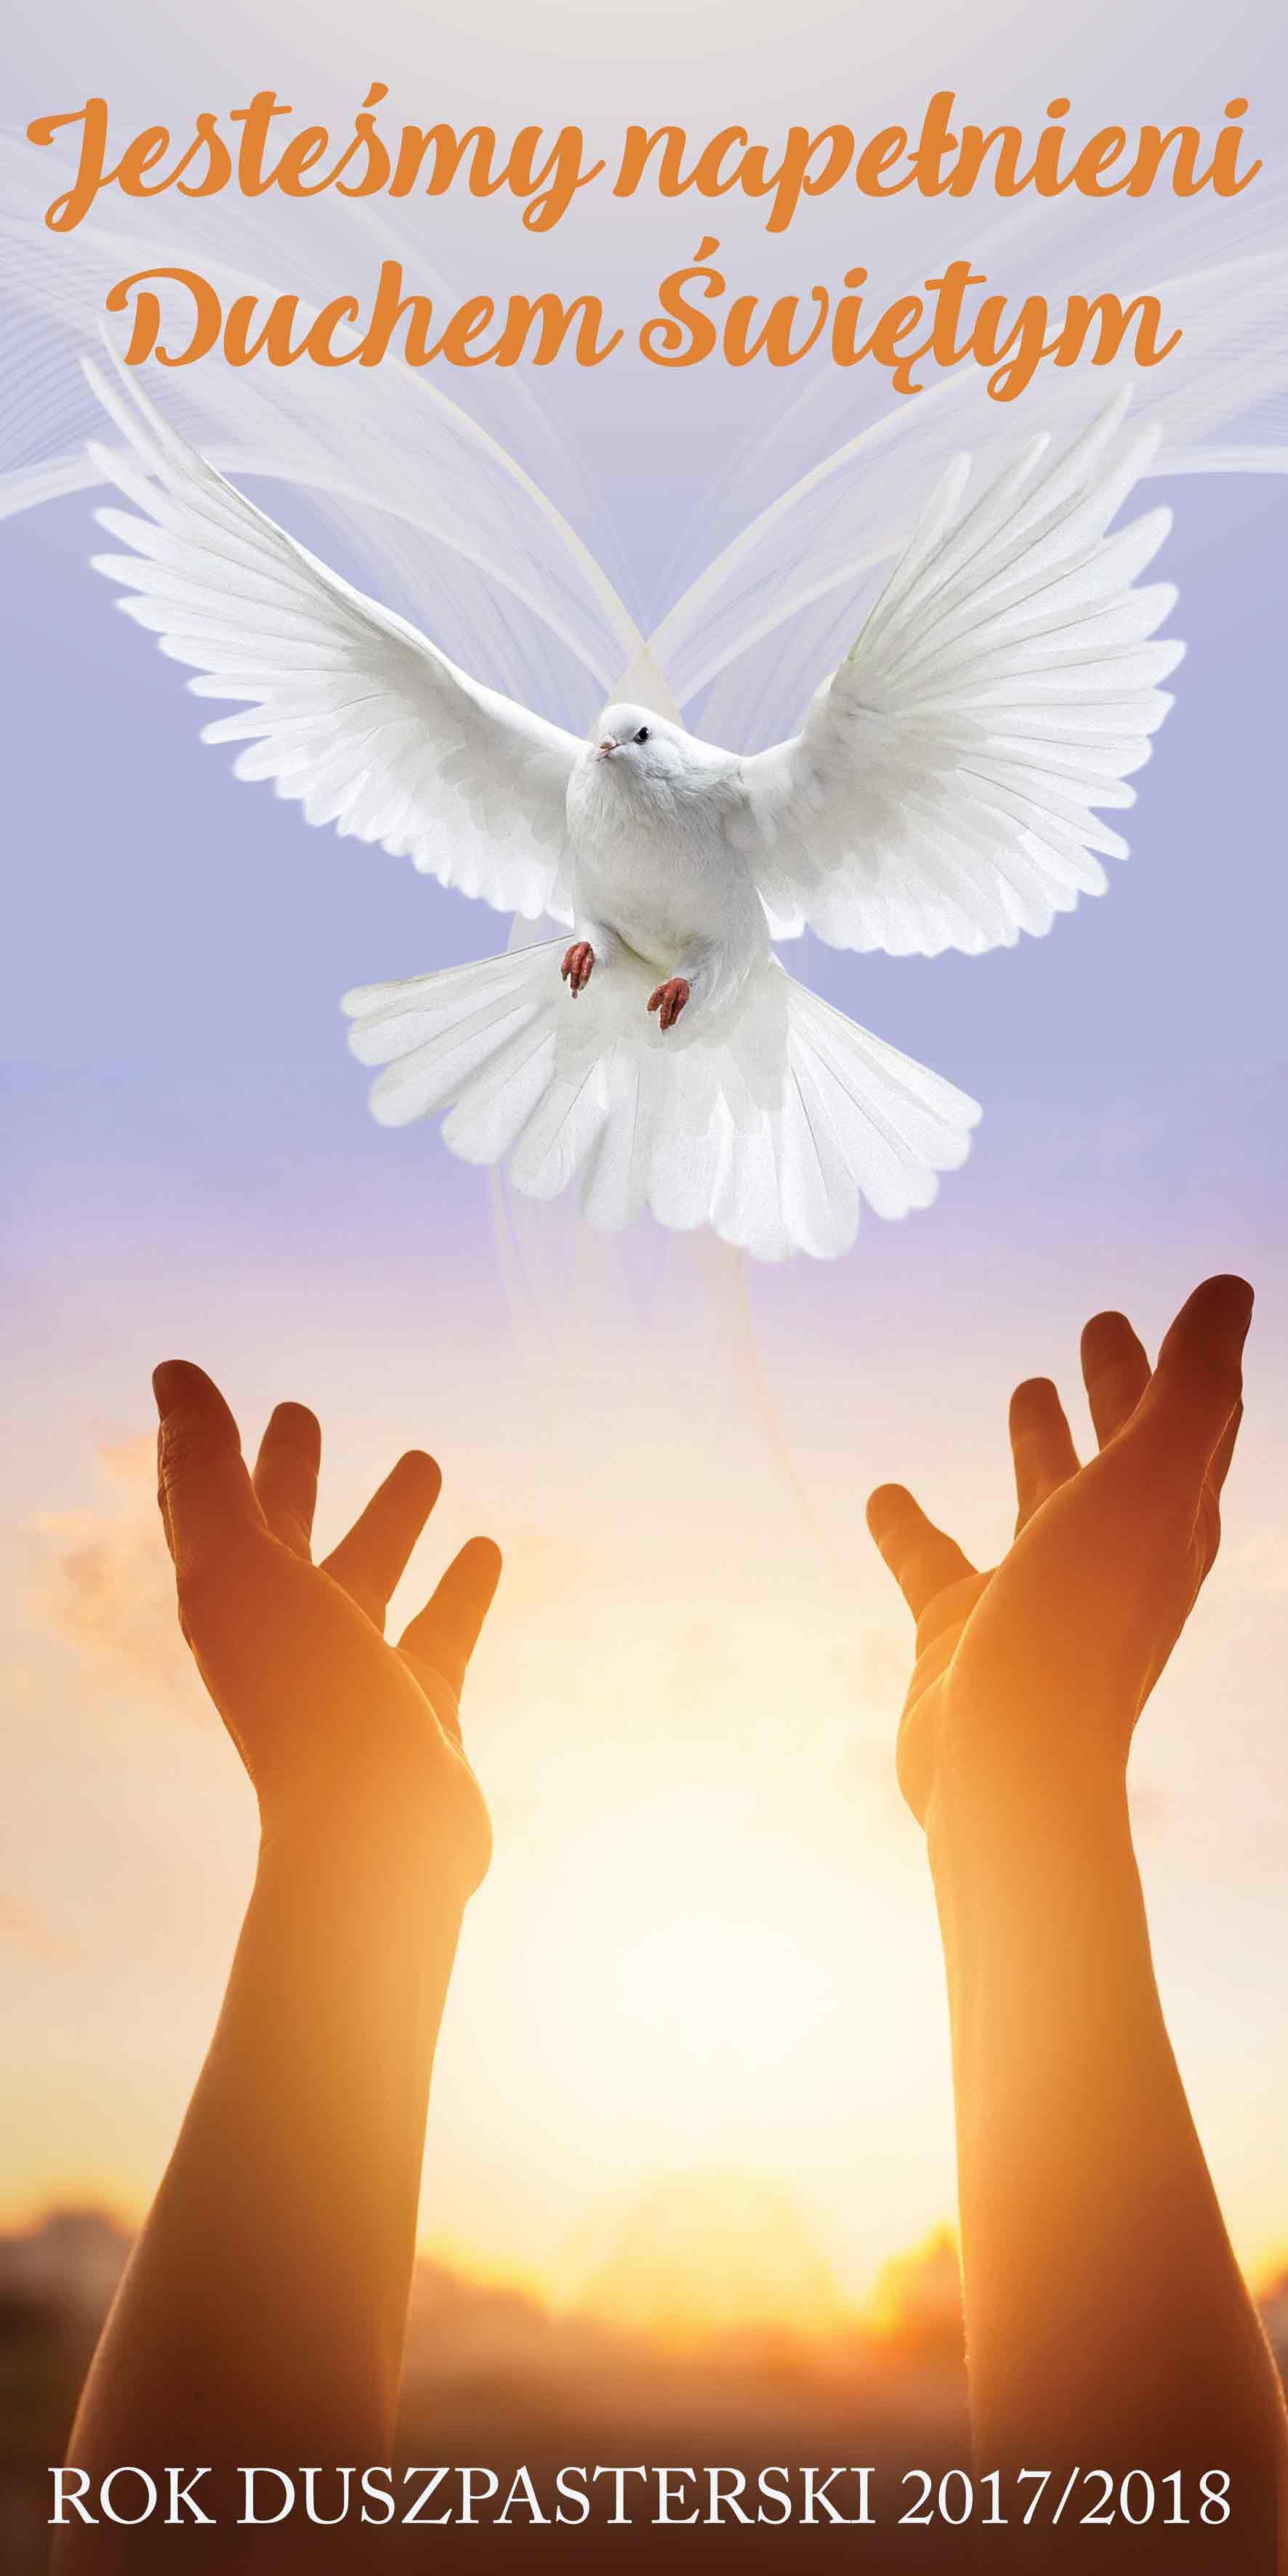 Znalezione obrazy dlazapytania jesteśmy napełnieni duchem świętym